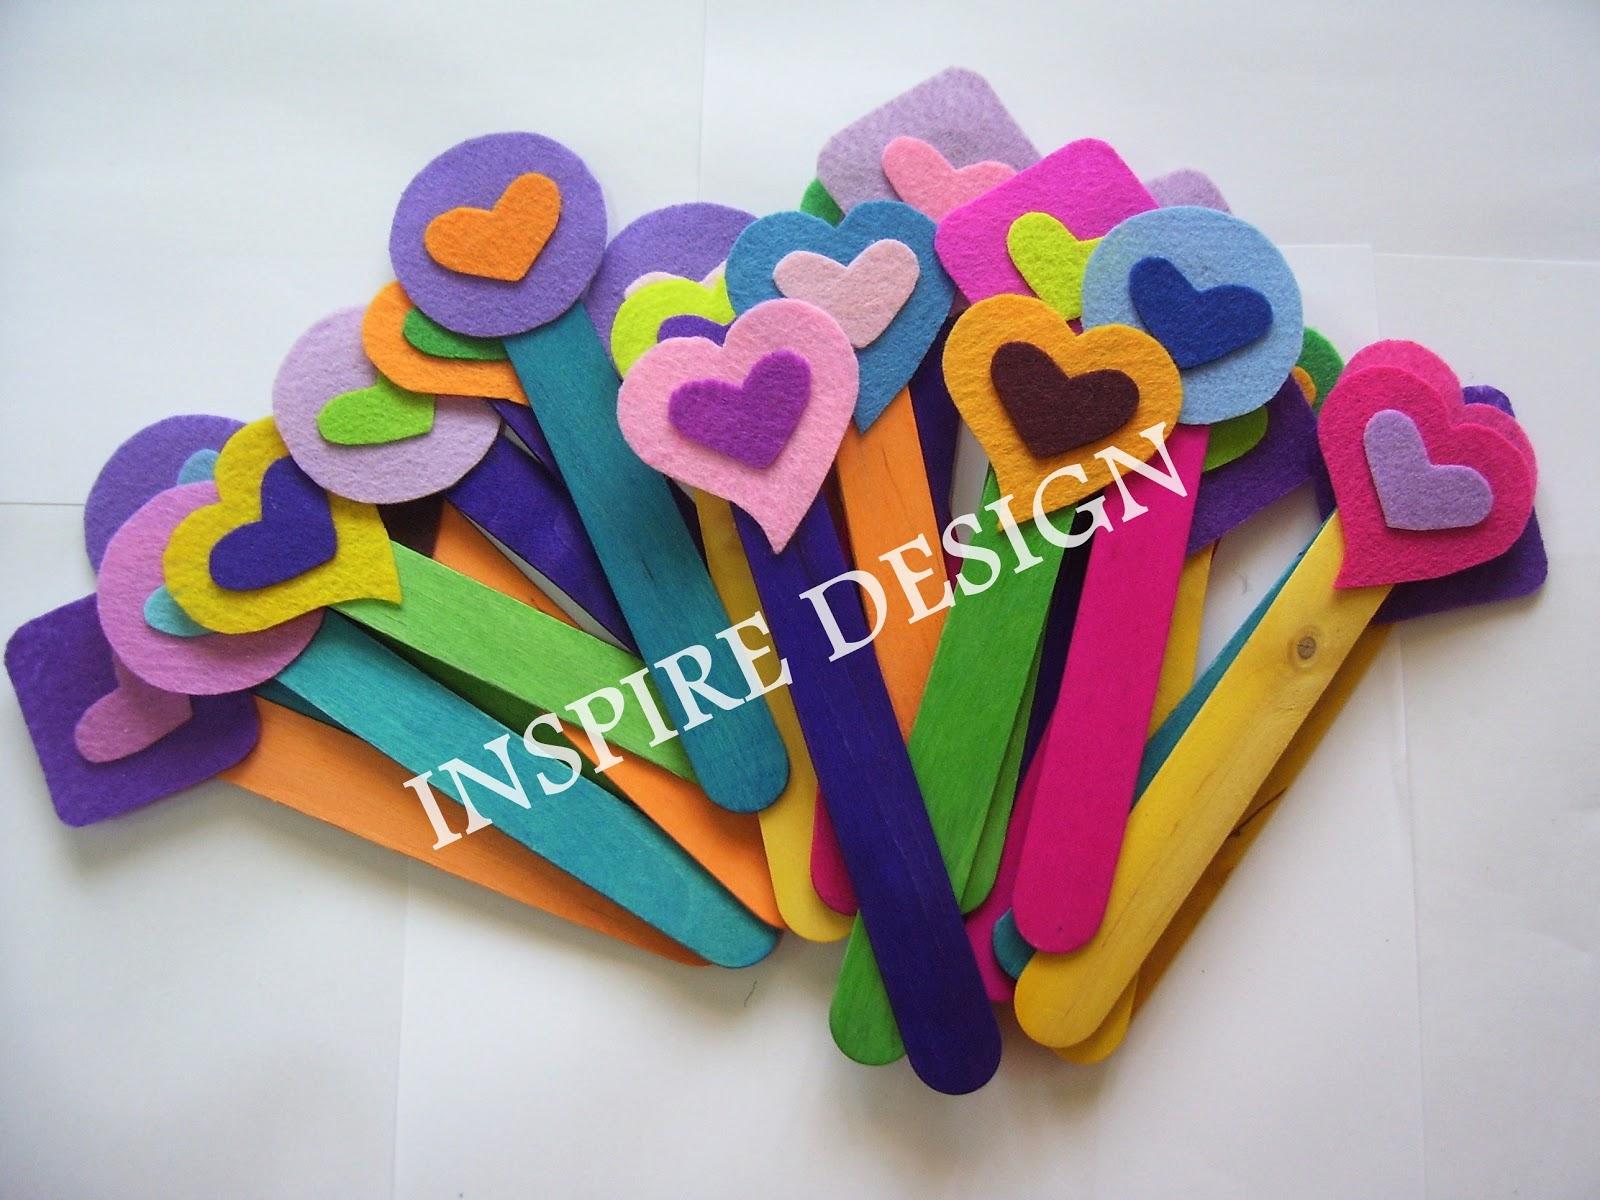 Yang Ni Pun Simple Tapi Batang Aiskrim Warna Warni Colorful